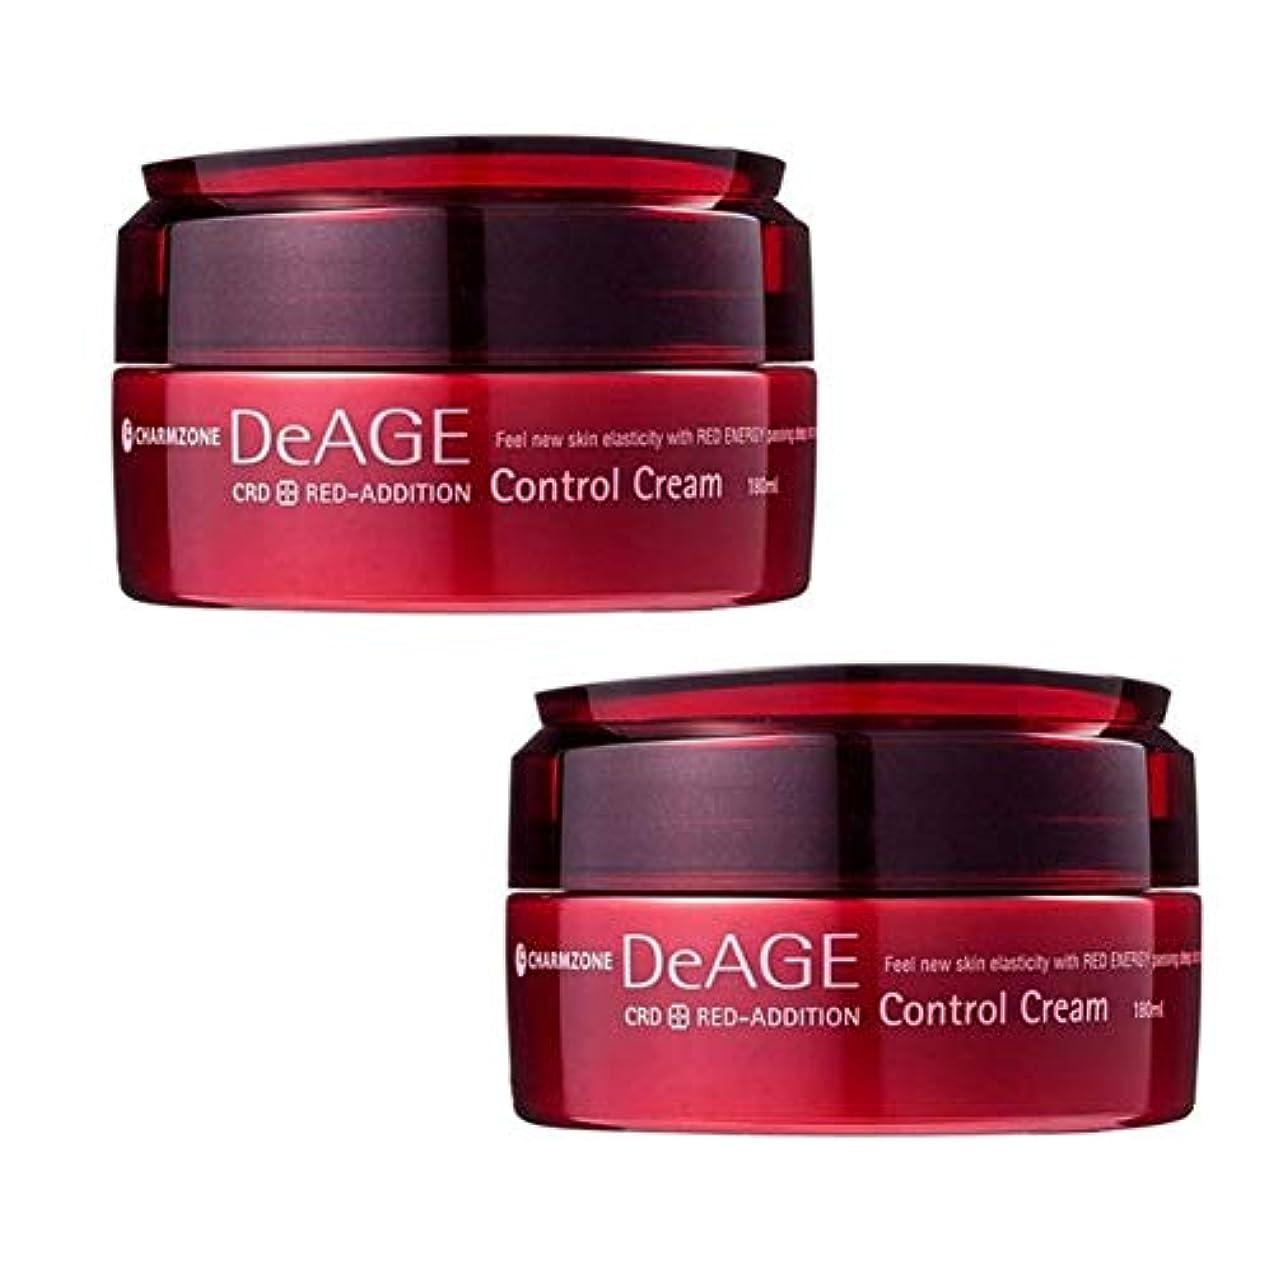 従順信頼できるコンパイルチャムジョンディエイジレッドエディションコントロールクリーム180ml x 2本セットマッサージクリーム、Charmzone DeAGE Red-Addition Control Cream 180ml x 2ea Set...